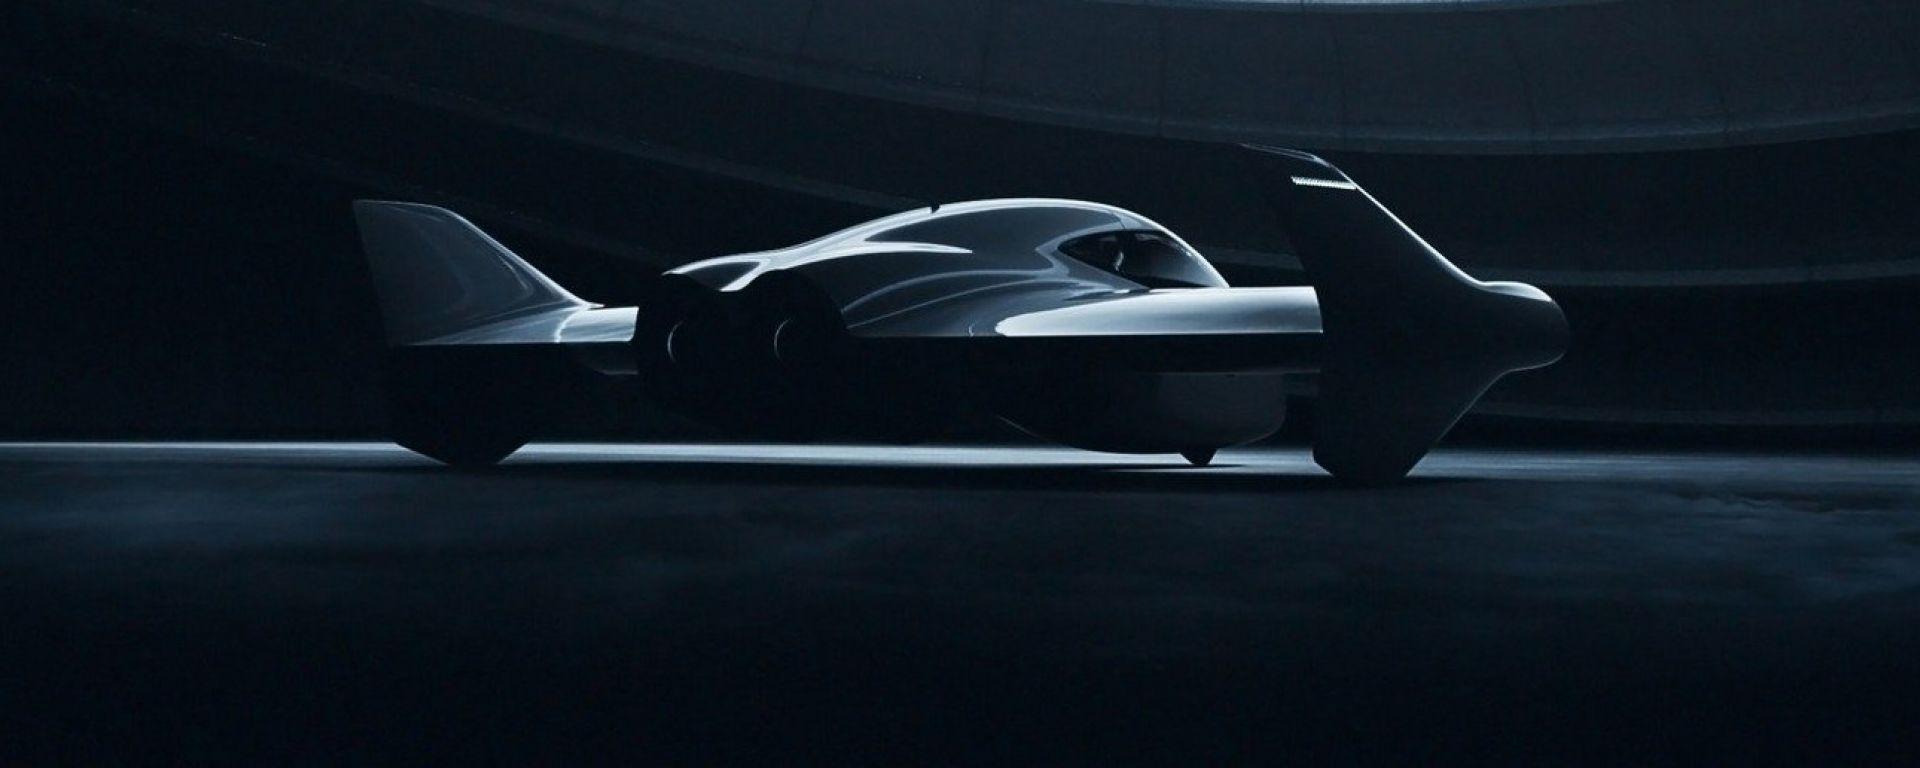 Concept Porsche-Boeing volante